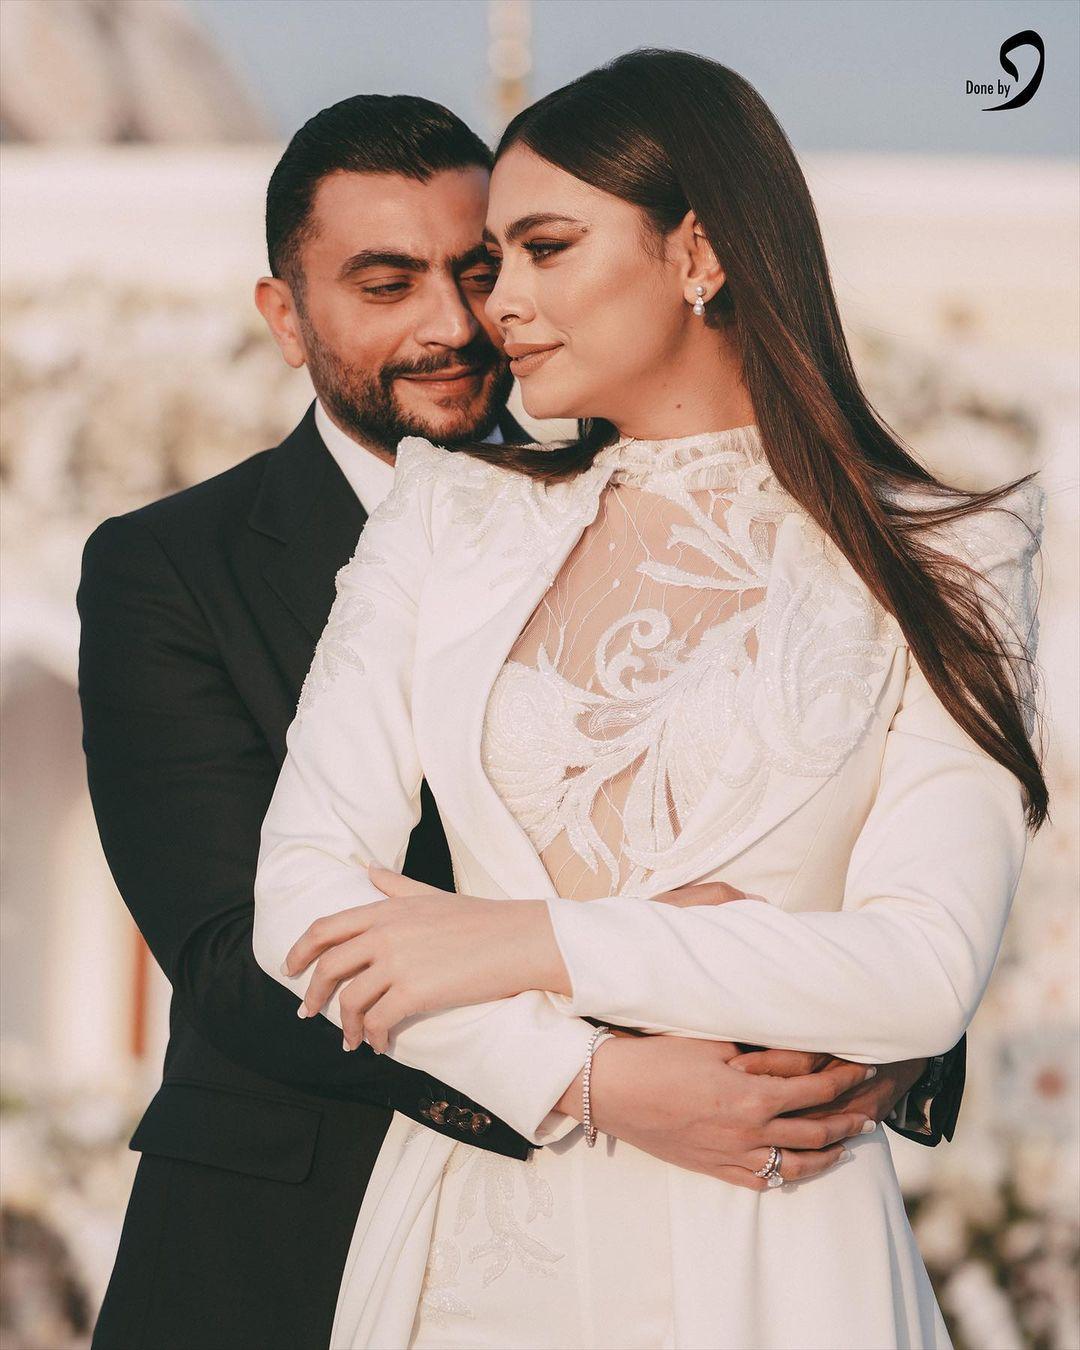 هاجر احمد وزوجها احمد الحداد